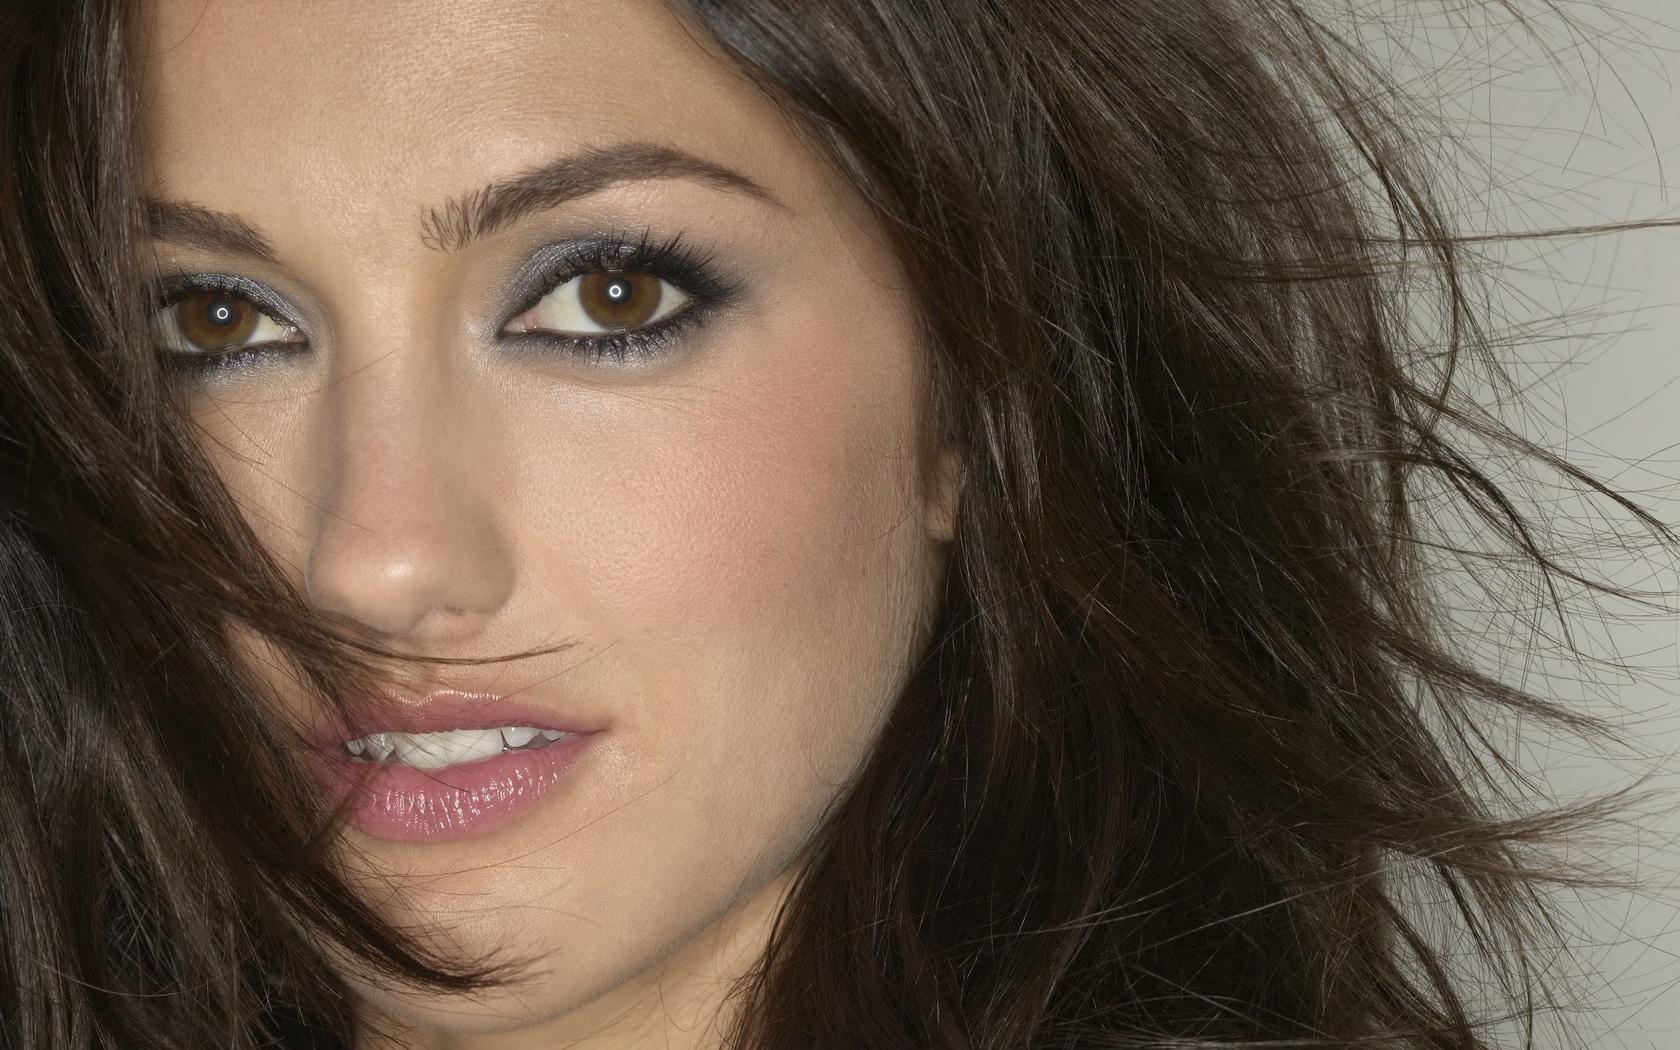 Woman Girl Beauty Actress Brunette Brown Eyes Minka Kelly